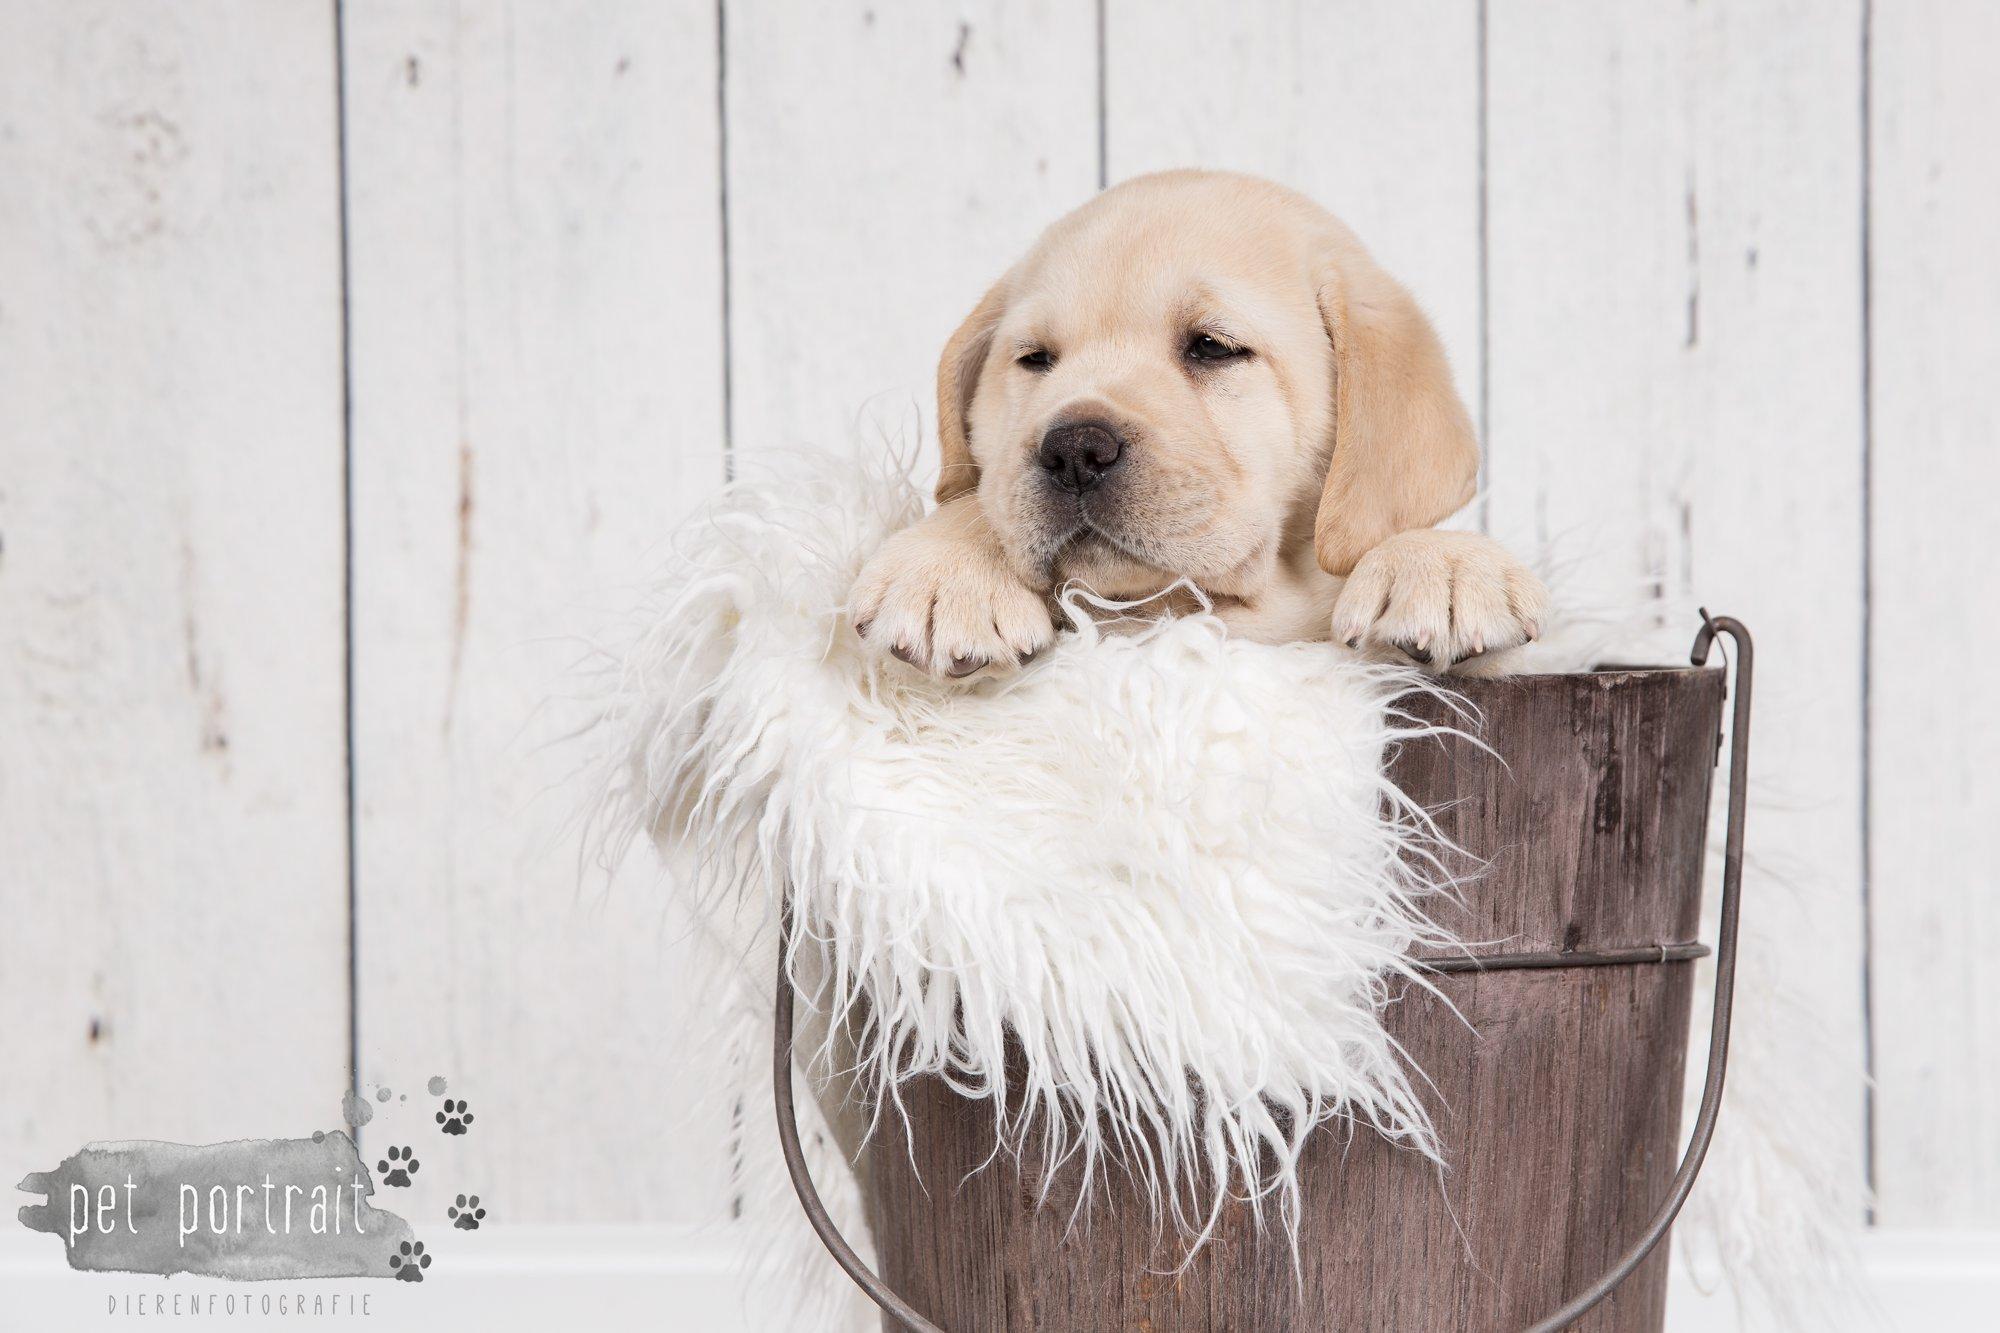 Hondenfotograaf Hillegom - Nestfotoshoot voor Labrador pups-35